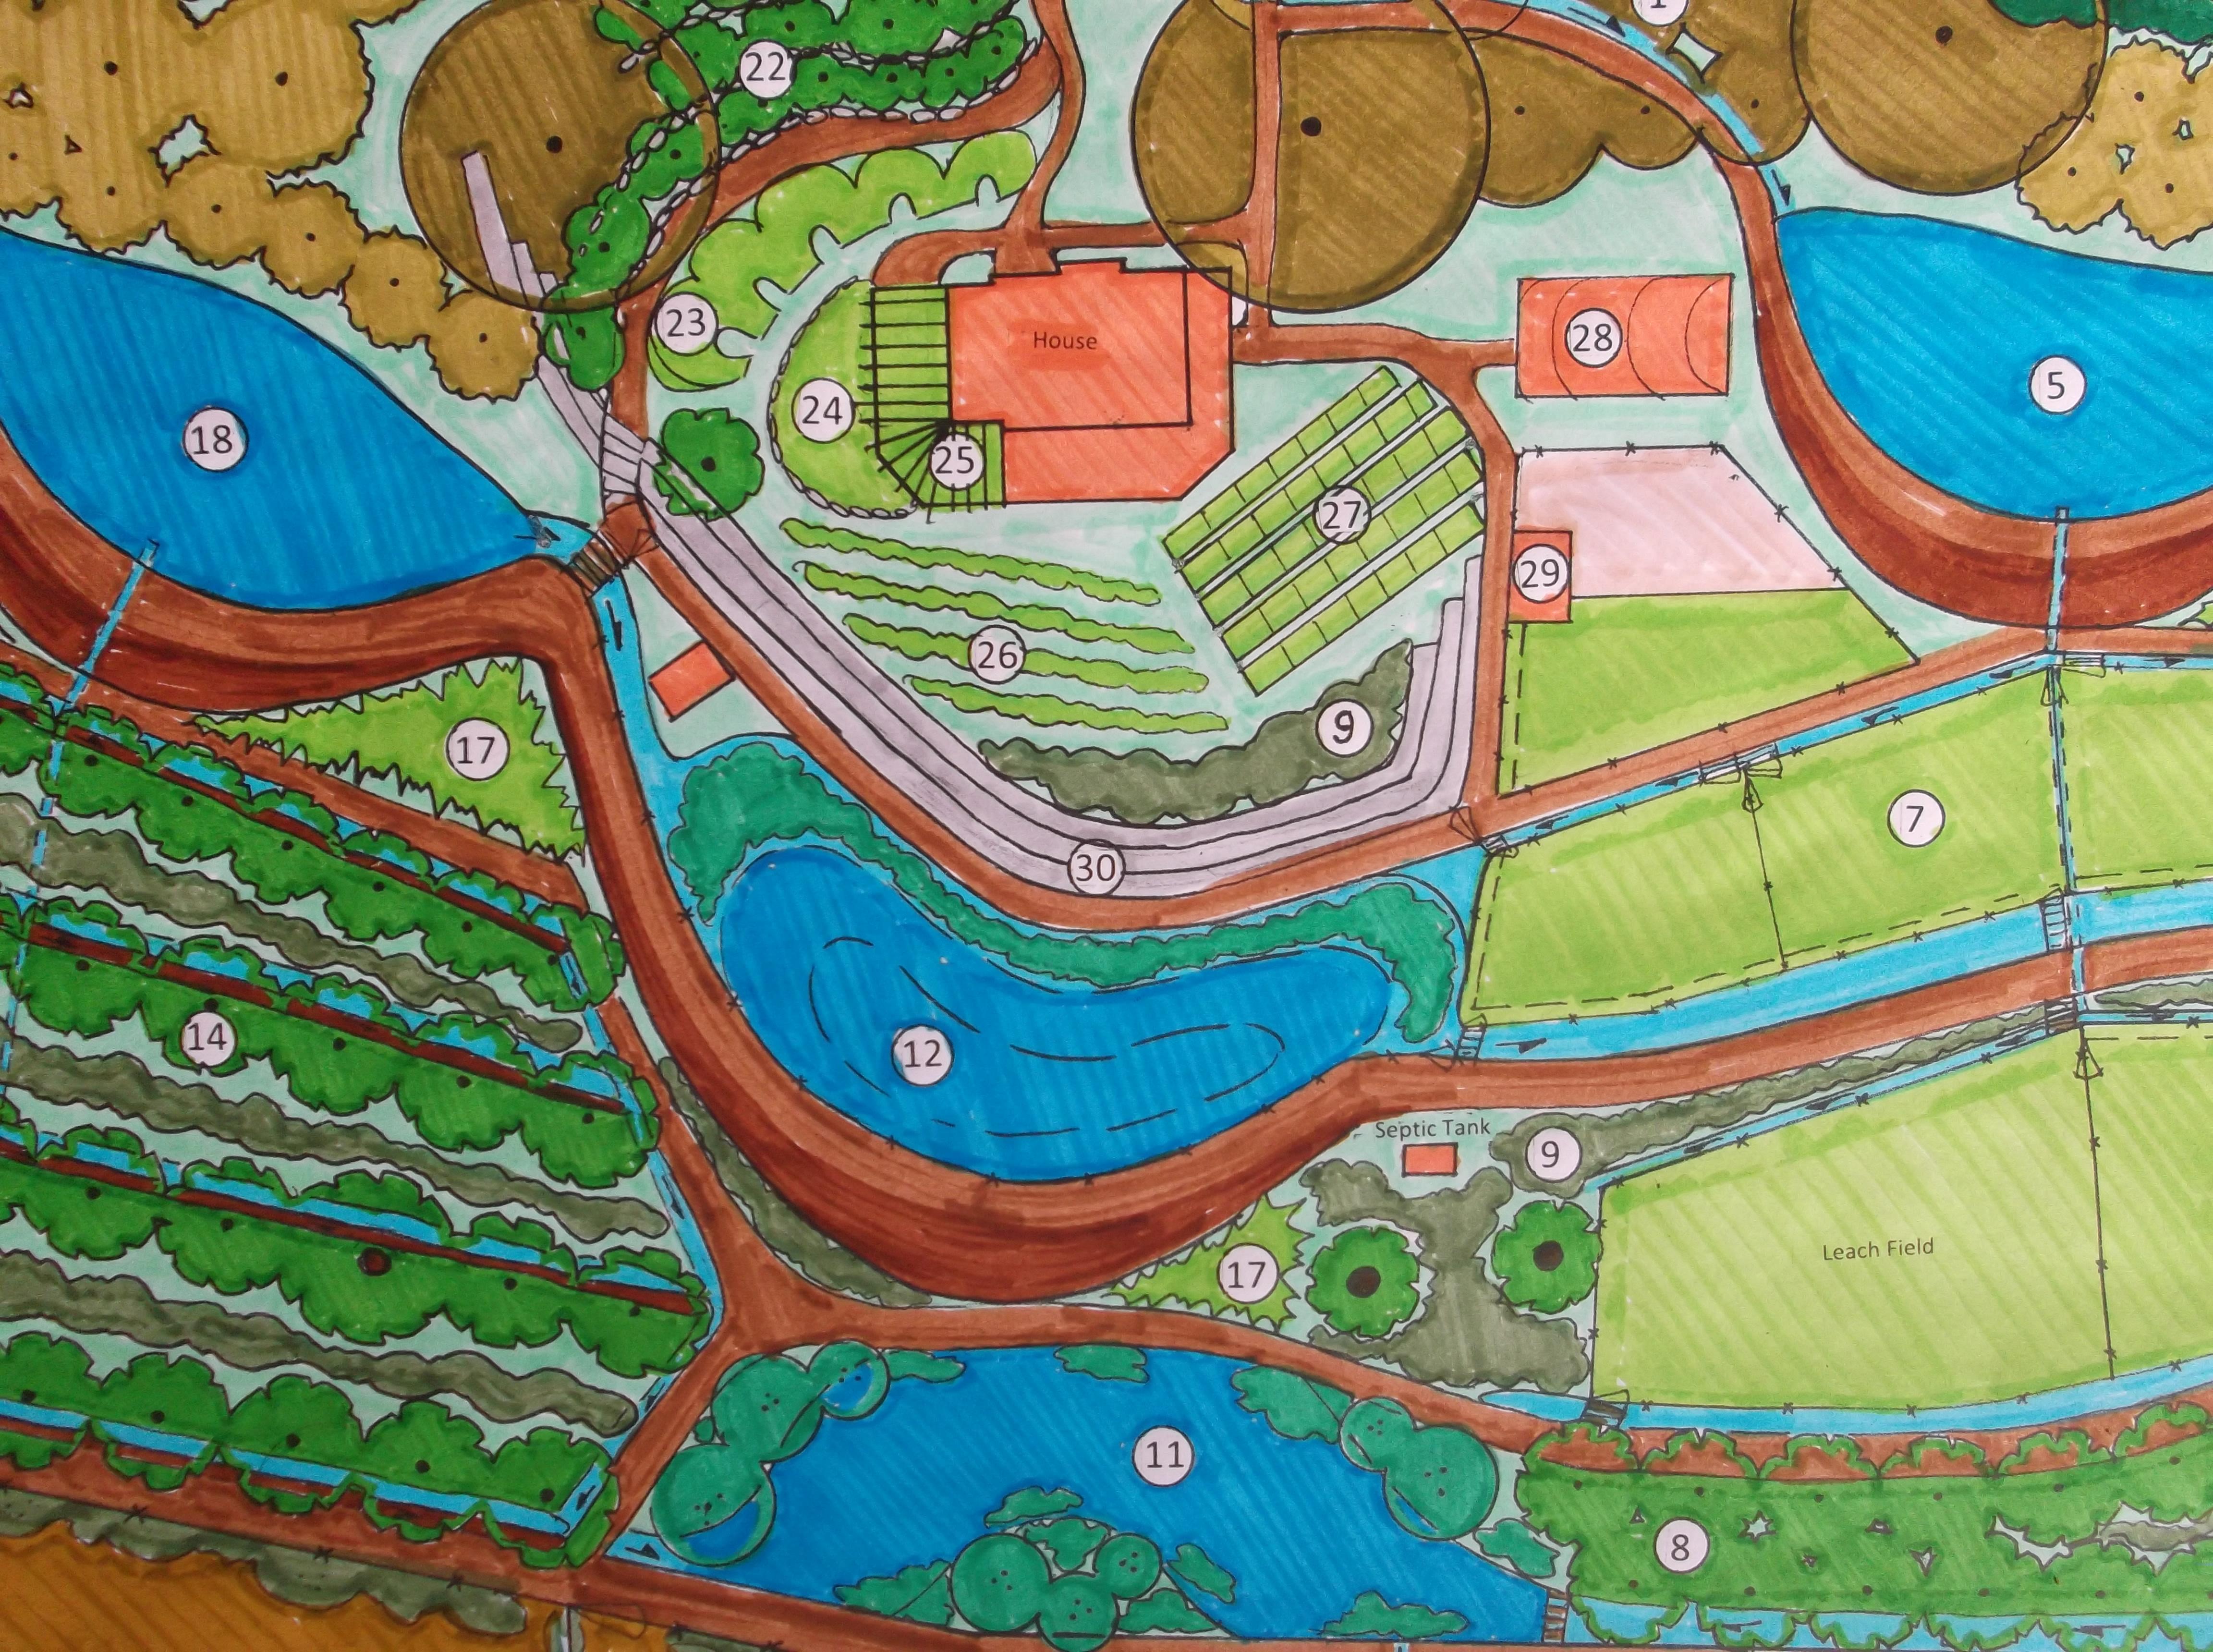 5 acre horse farm design, farm layout design, 2 acre farm design, on 20 acre homestead design